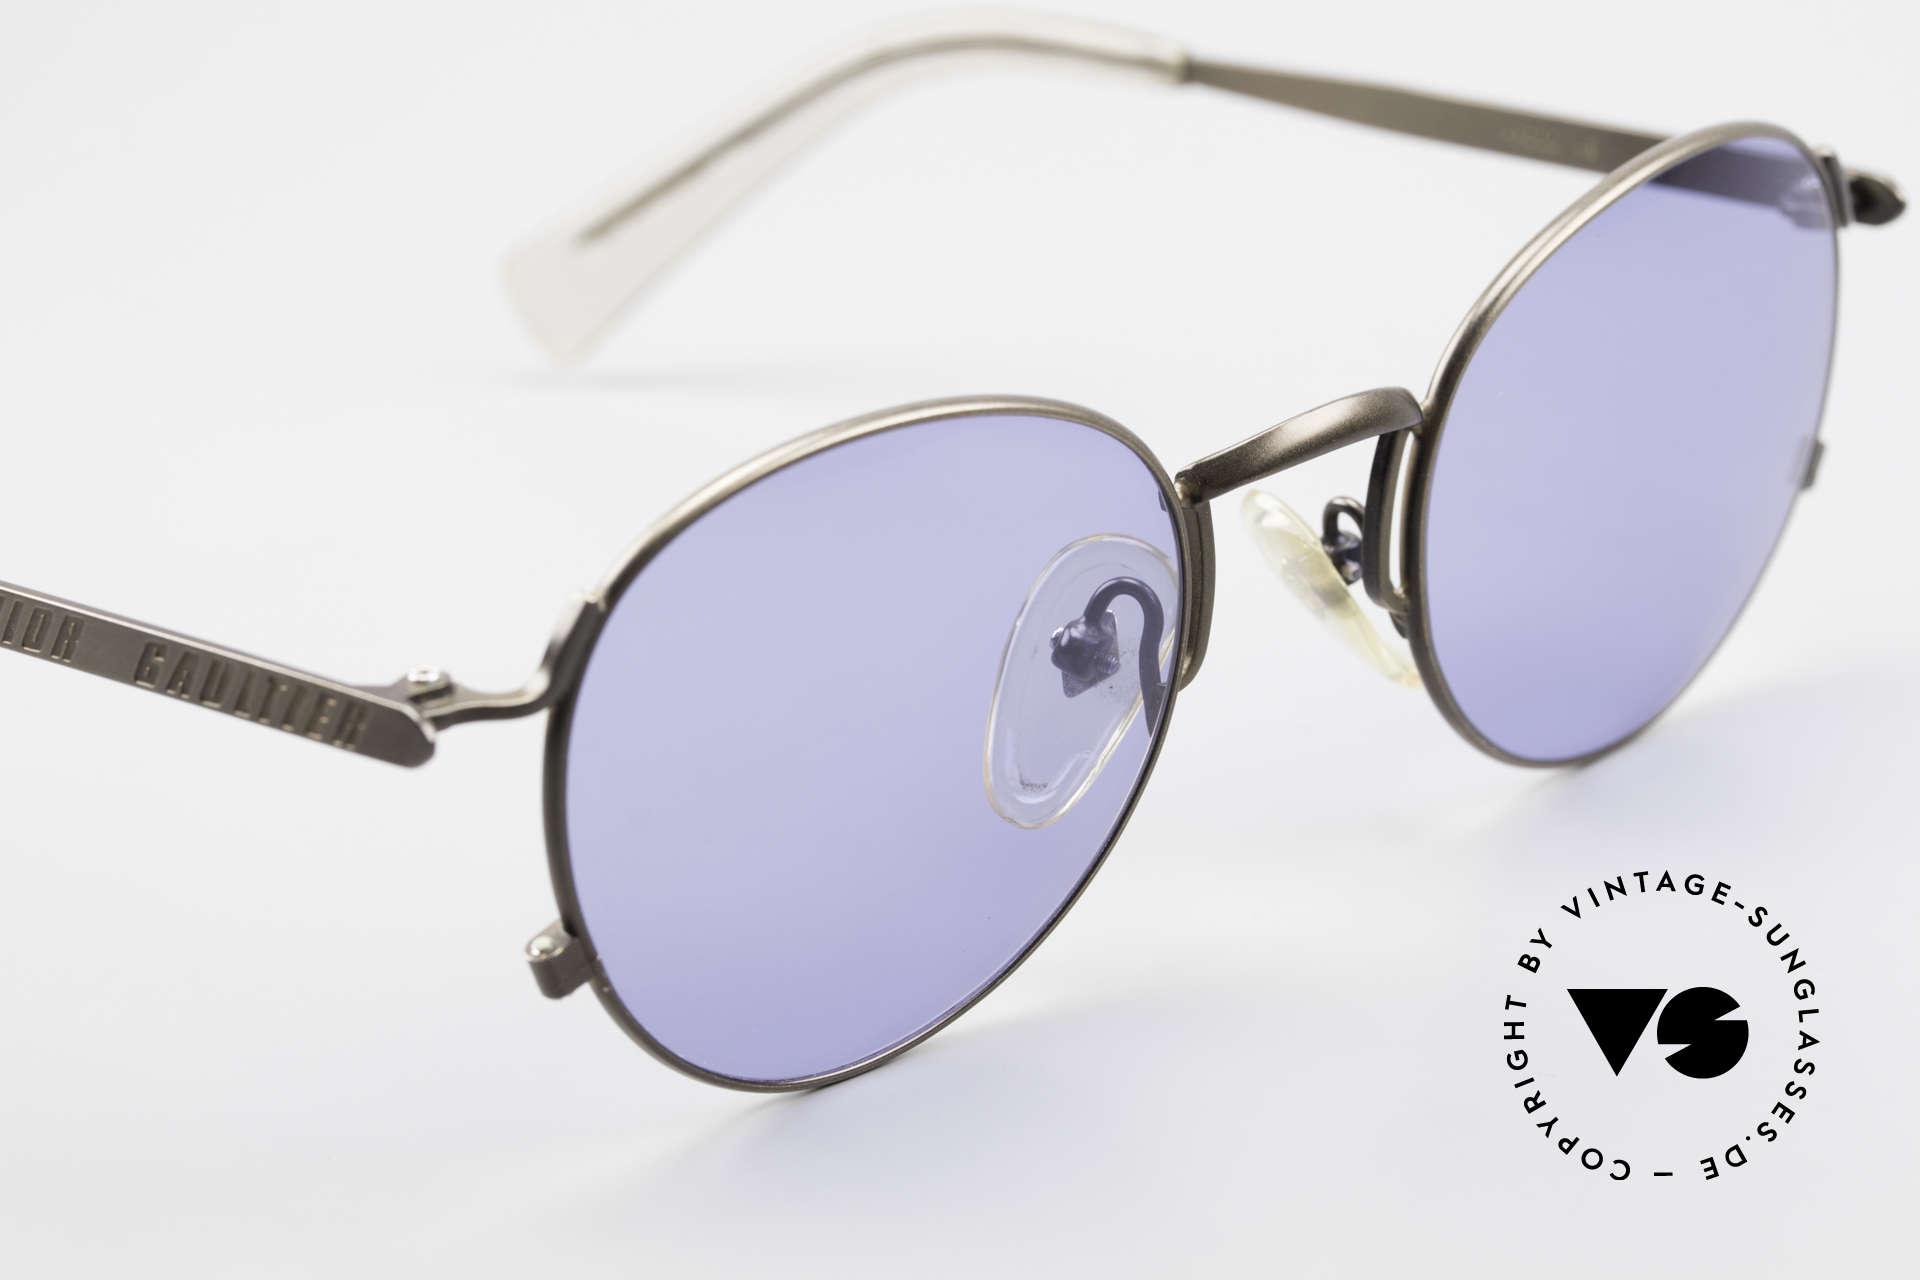 Jean Paul Gaultier 57-1171 90er Designer Sonnenbrille, KEINE Retrosonnenbrille; kostbares Original von 1995!!, Passend für Herren und Damen